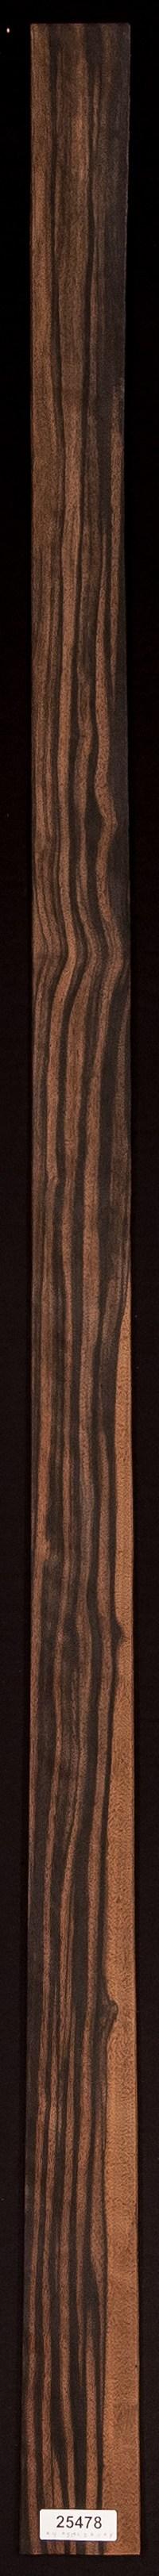 Quartersawn Ebony (Macassar) Veneer Lot